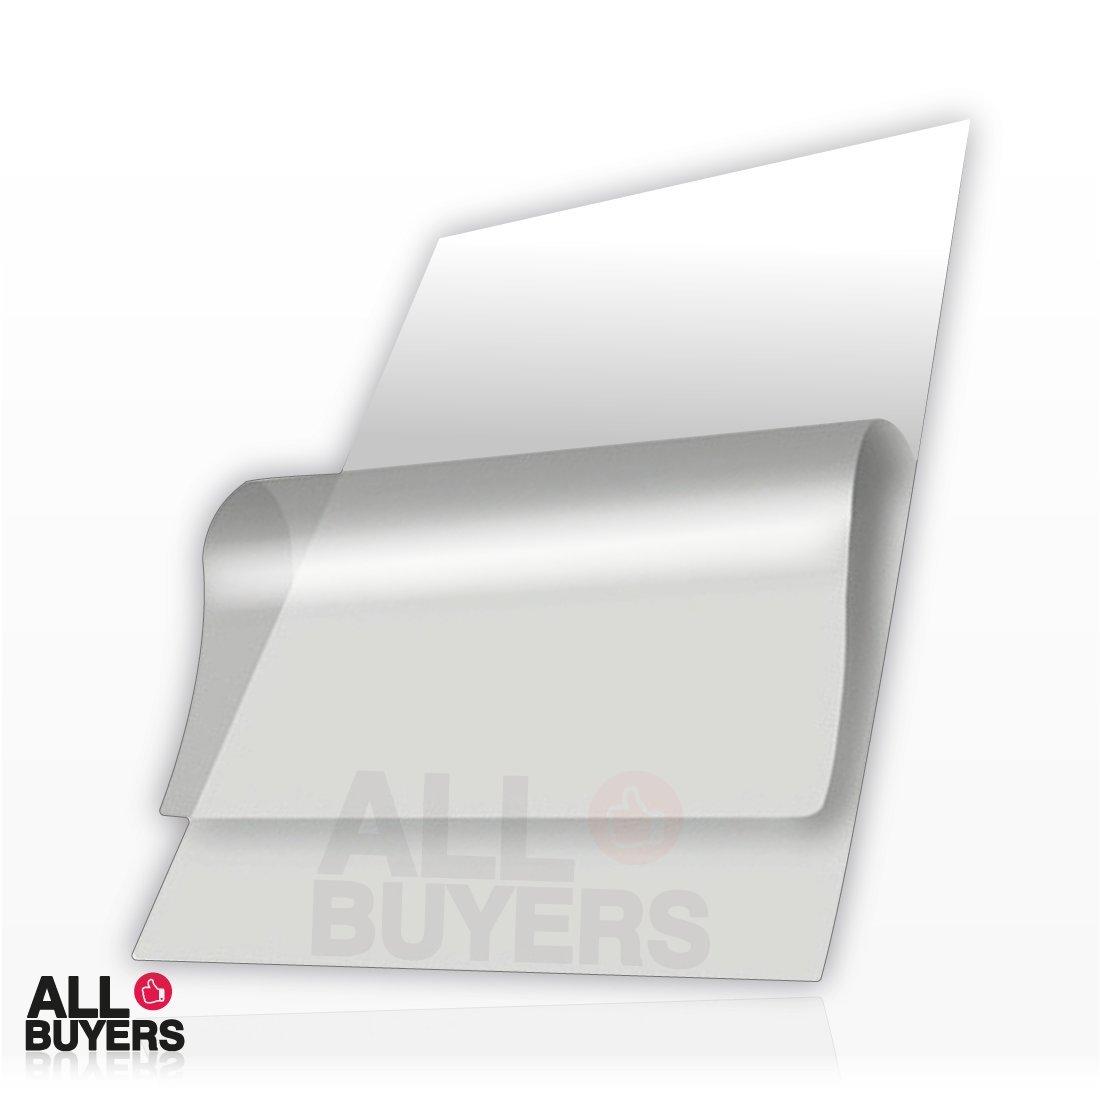 Carta ADESIVA A3 TRASPARENTE LUCIDA per stampanti laser fogli PVC VINILE (10) 2AINTIMO